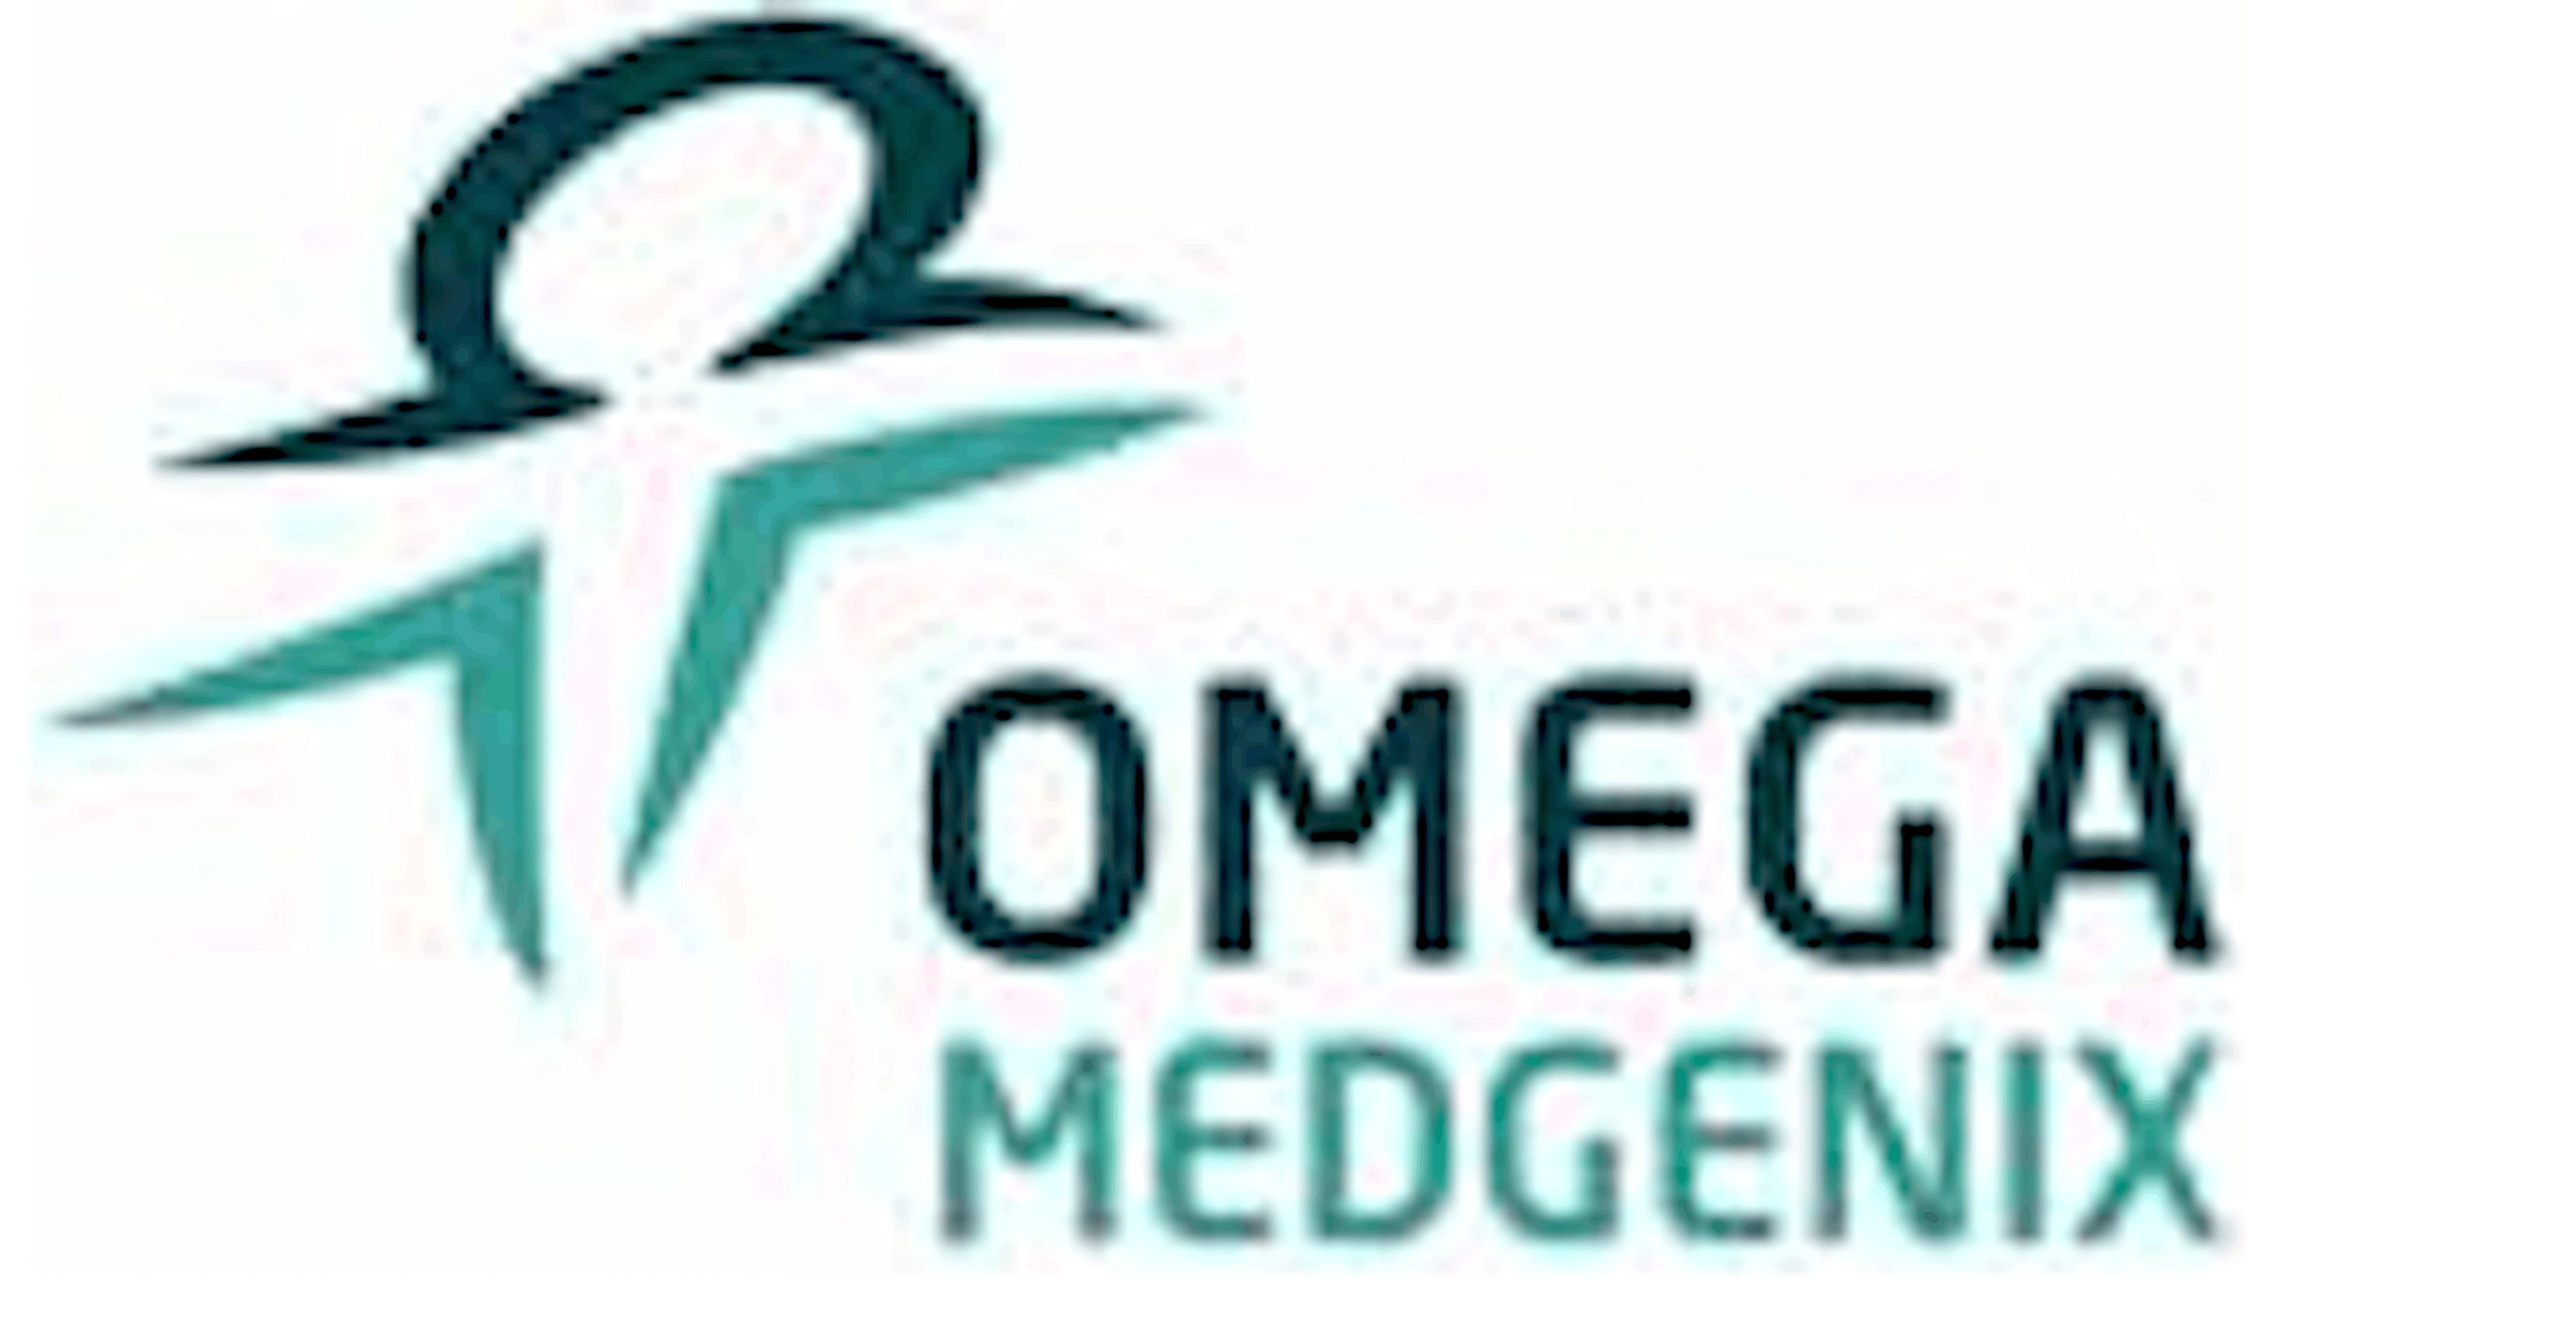 Medgenix logo